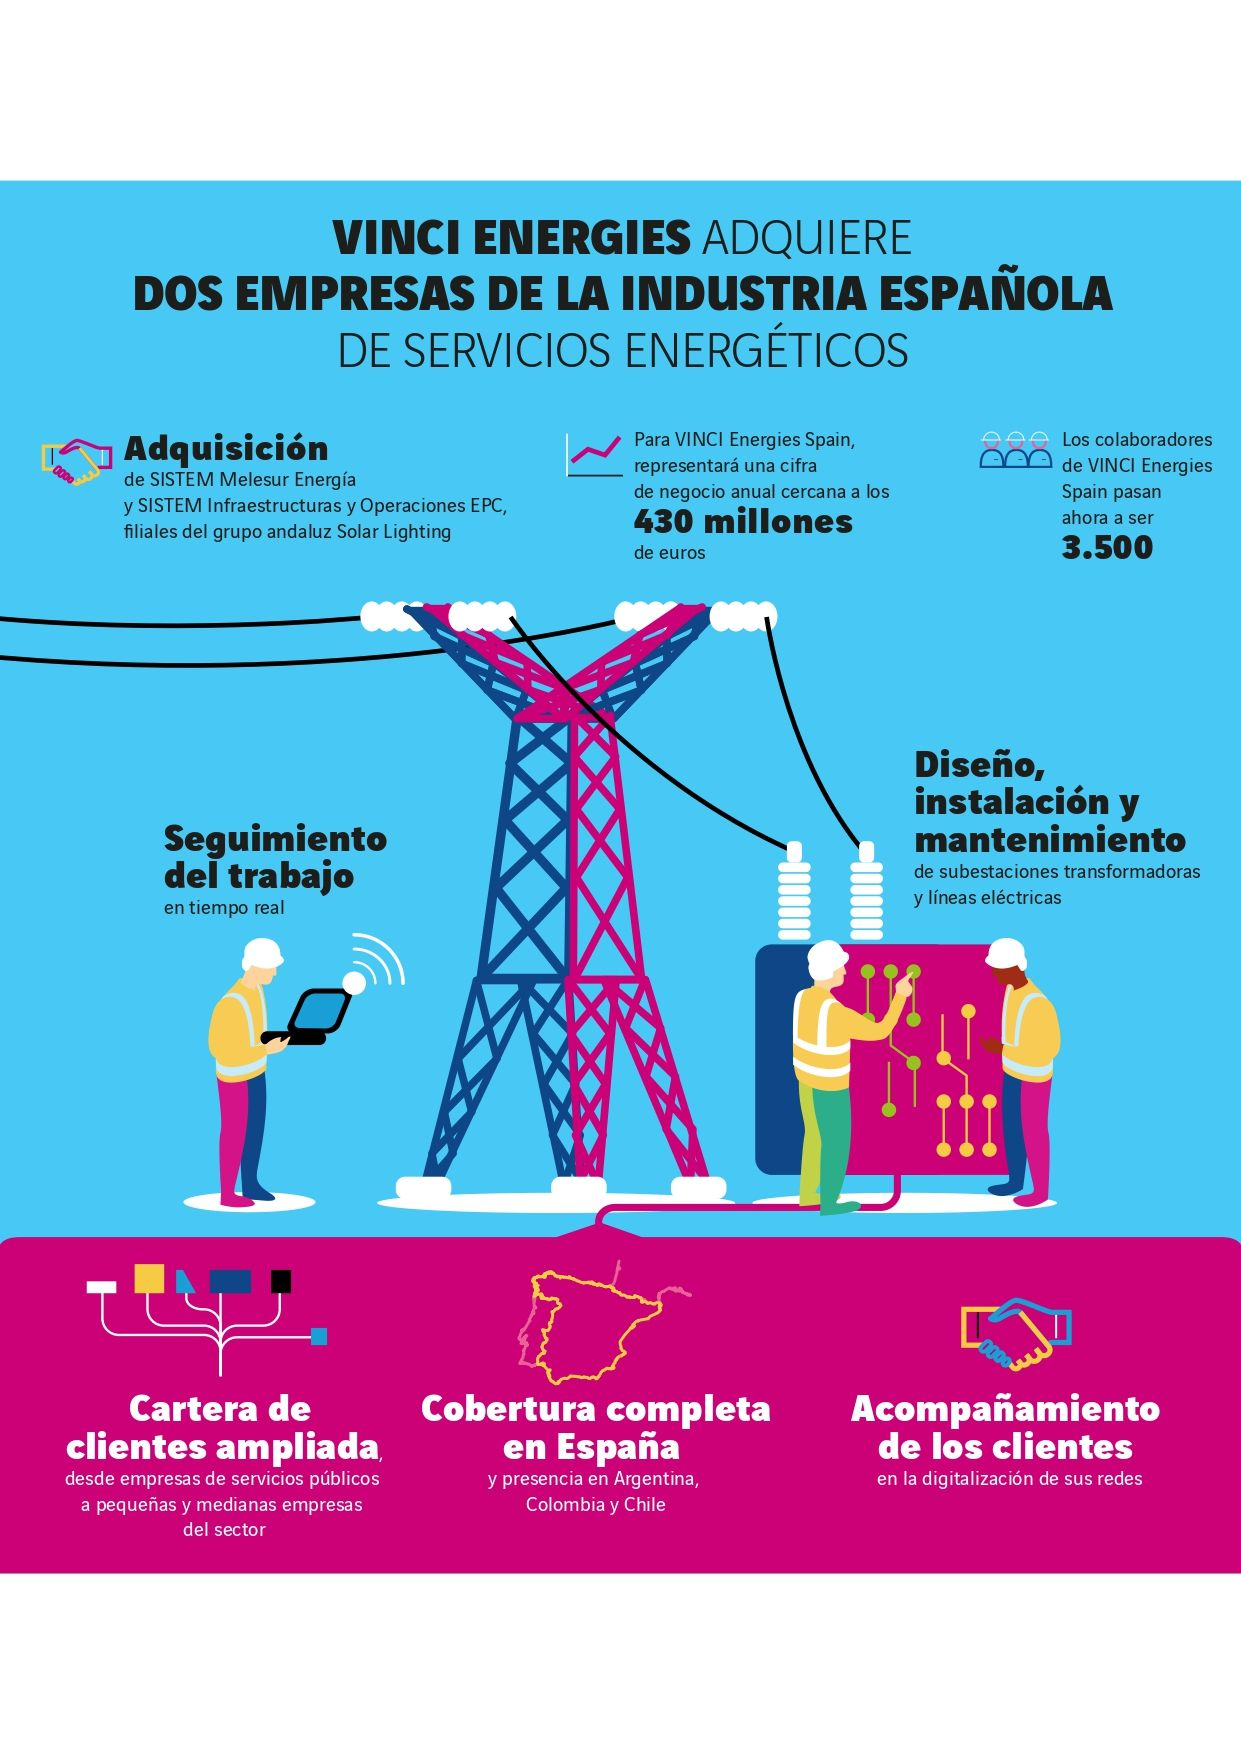 Foto de VINCI Energies adquiere dos empresas de la industria española